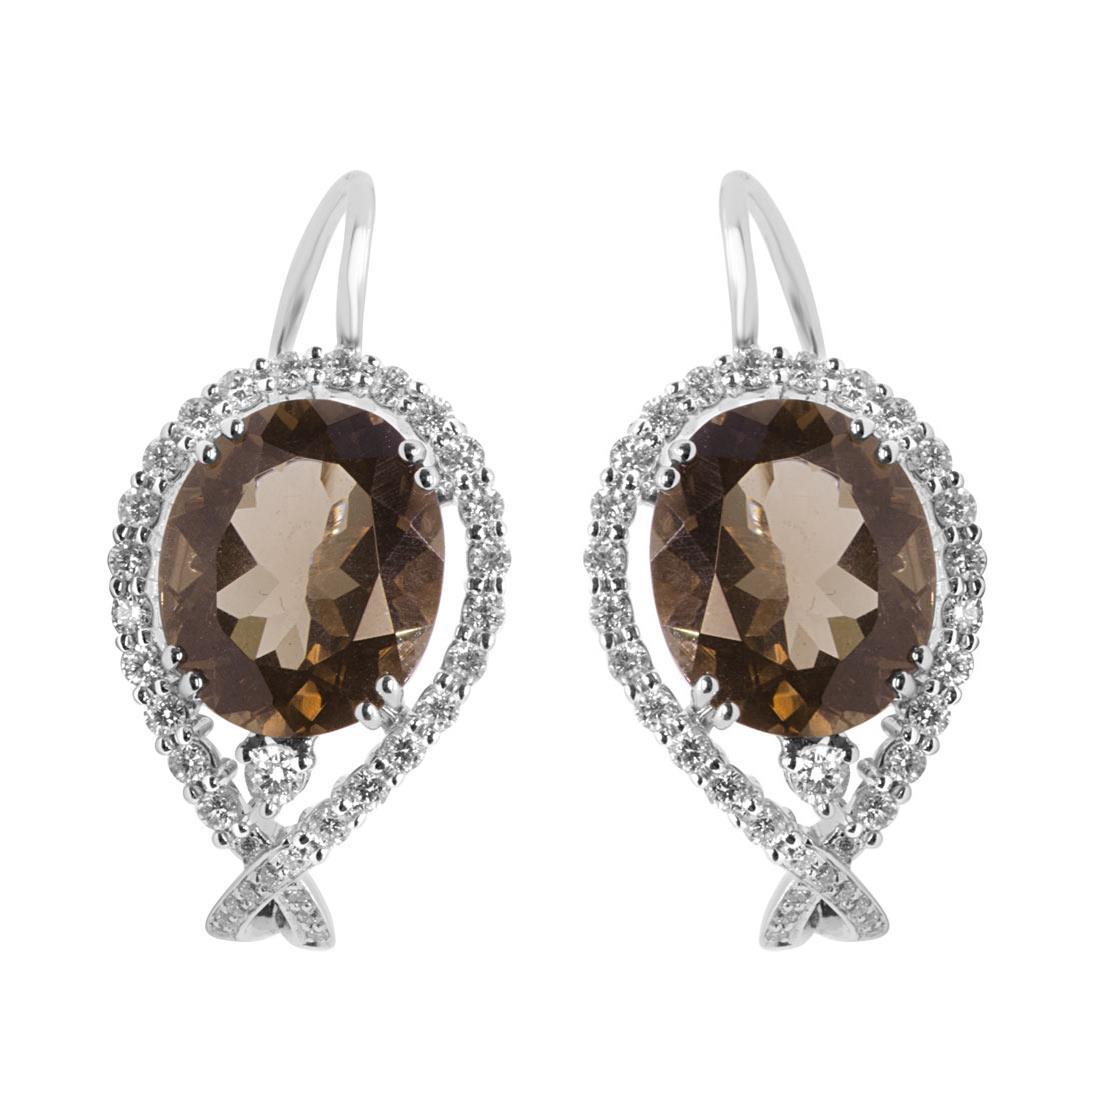 Orecchini Alfieri & St John con diamanti ct 0,74 e quarzo - ALFIERI & ST. JOHN